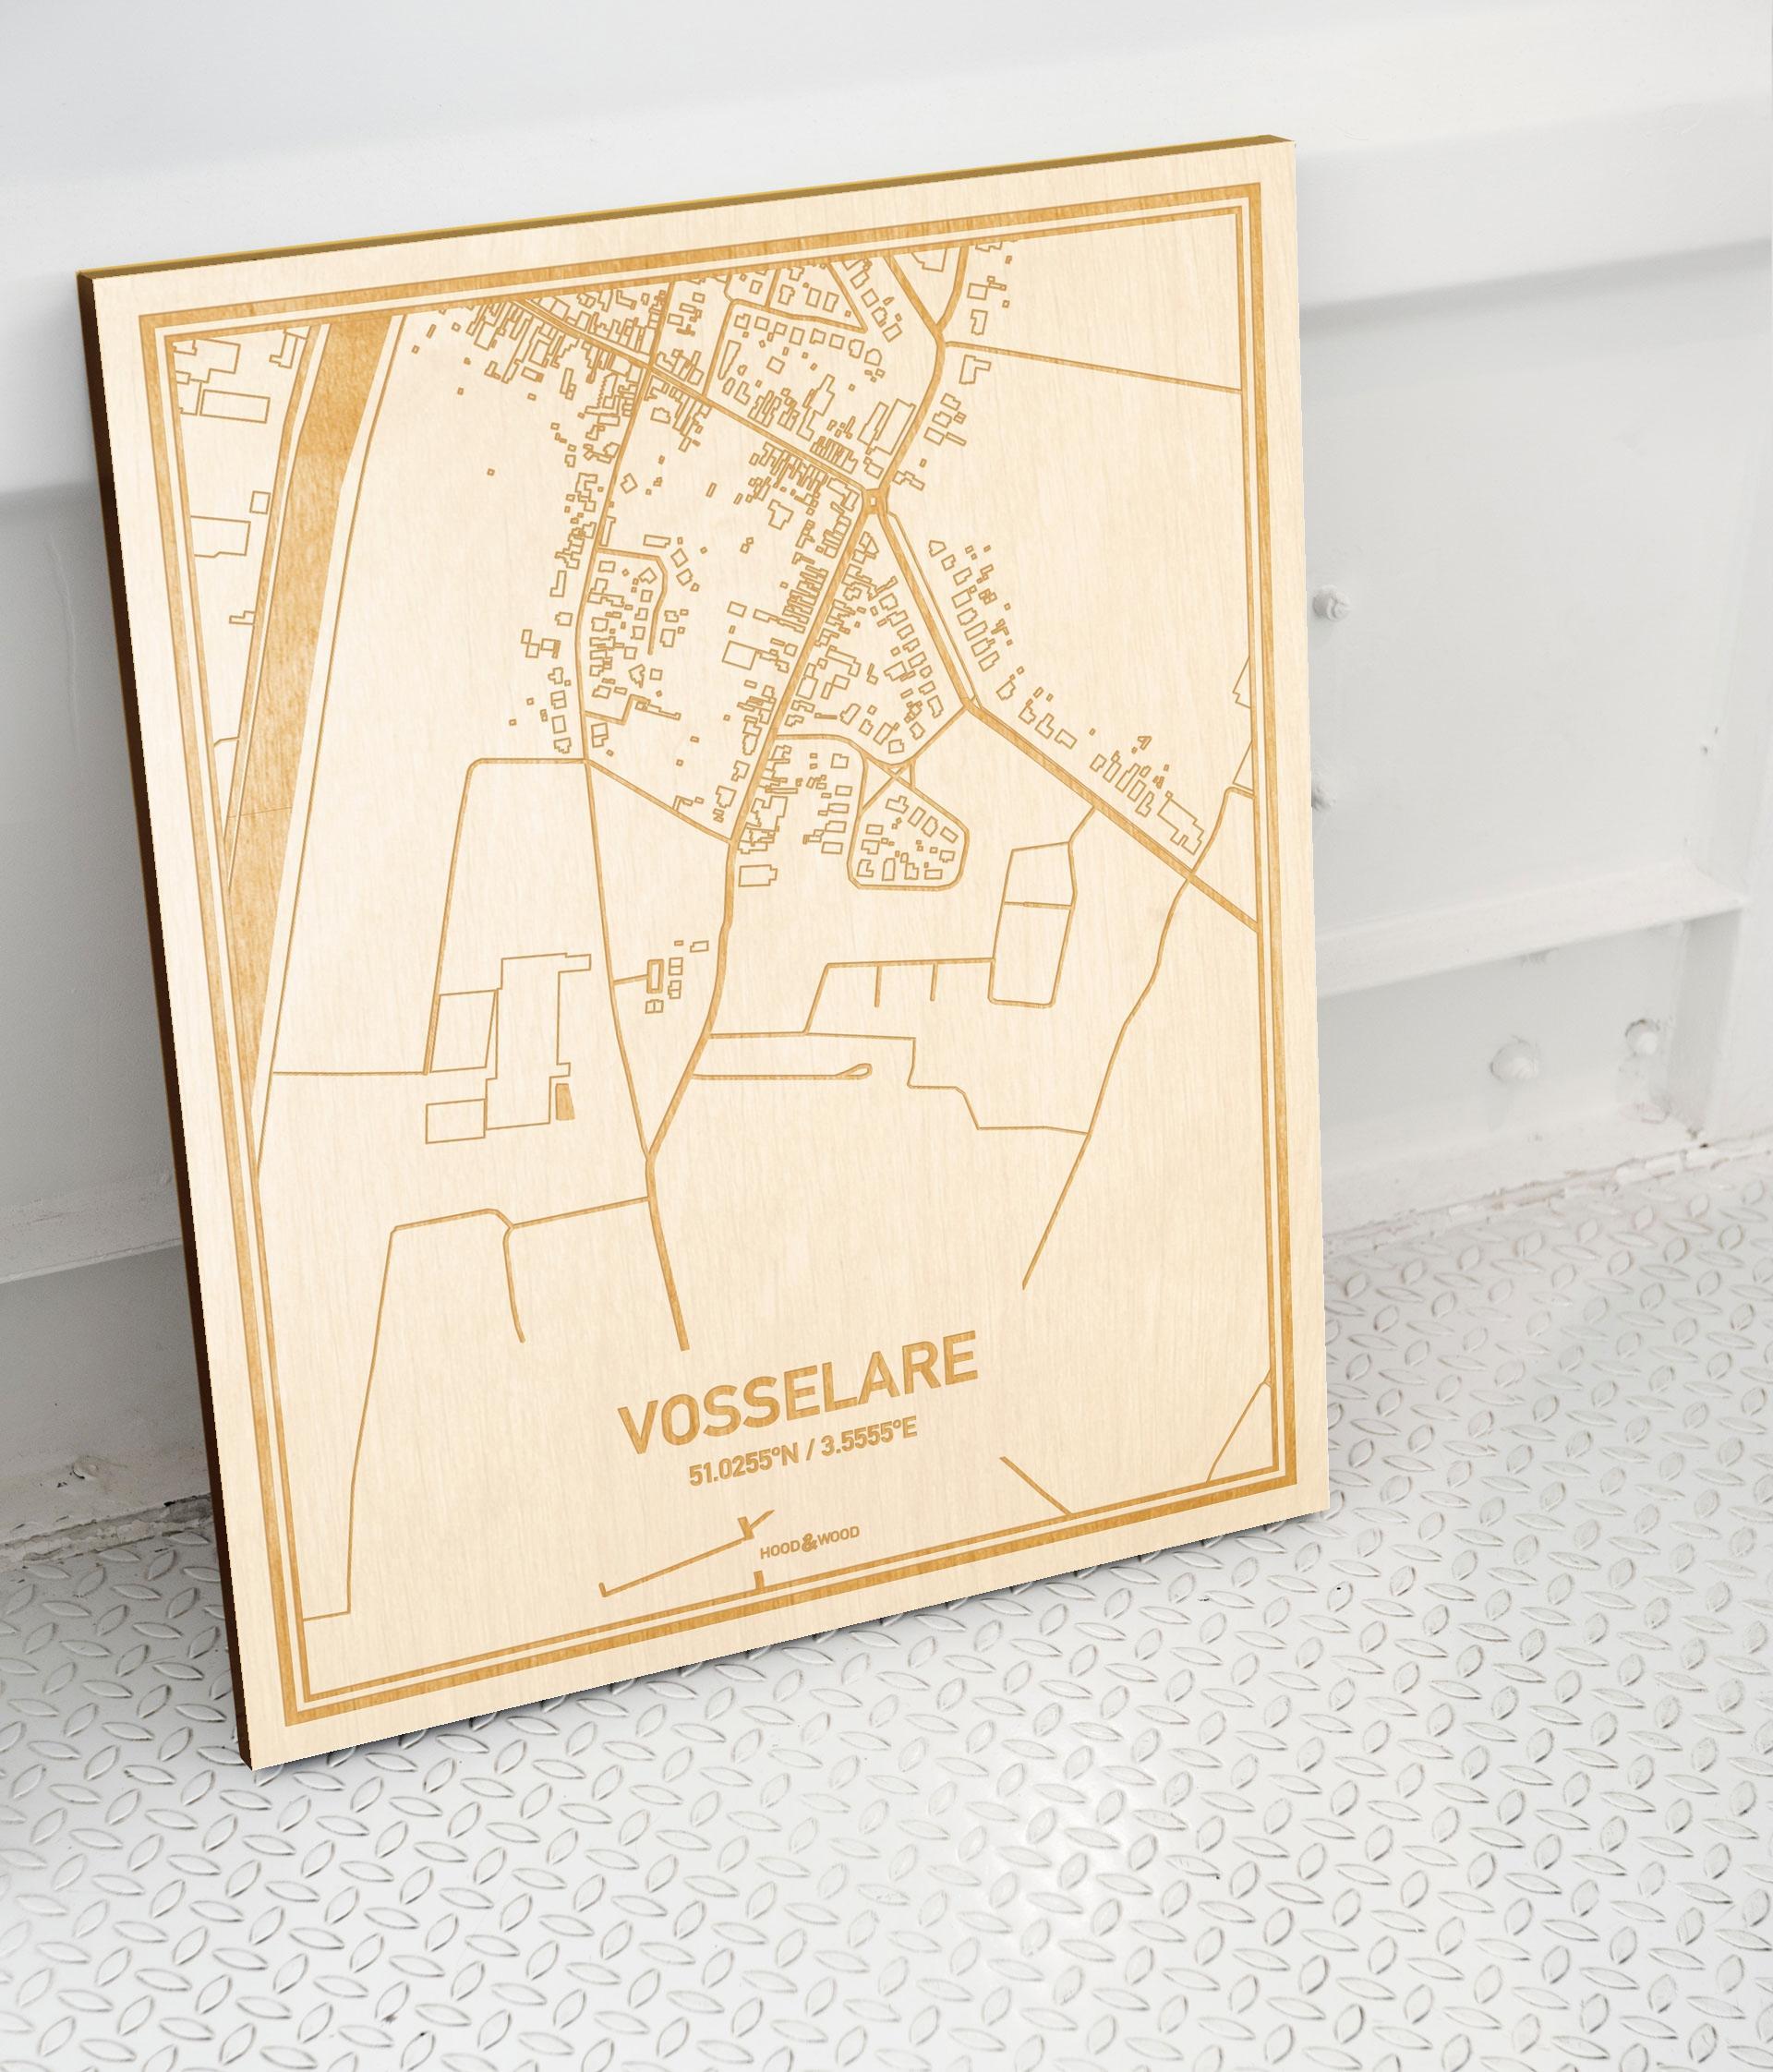 Plattegrond Vosselare als prachtige houten wanddecoratie. Het warme hout contrasteert mooi met de witte muur.